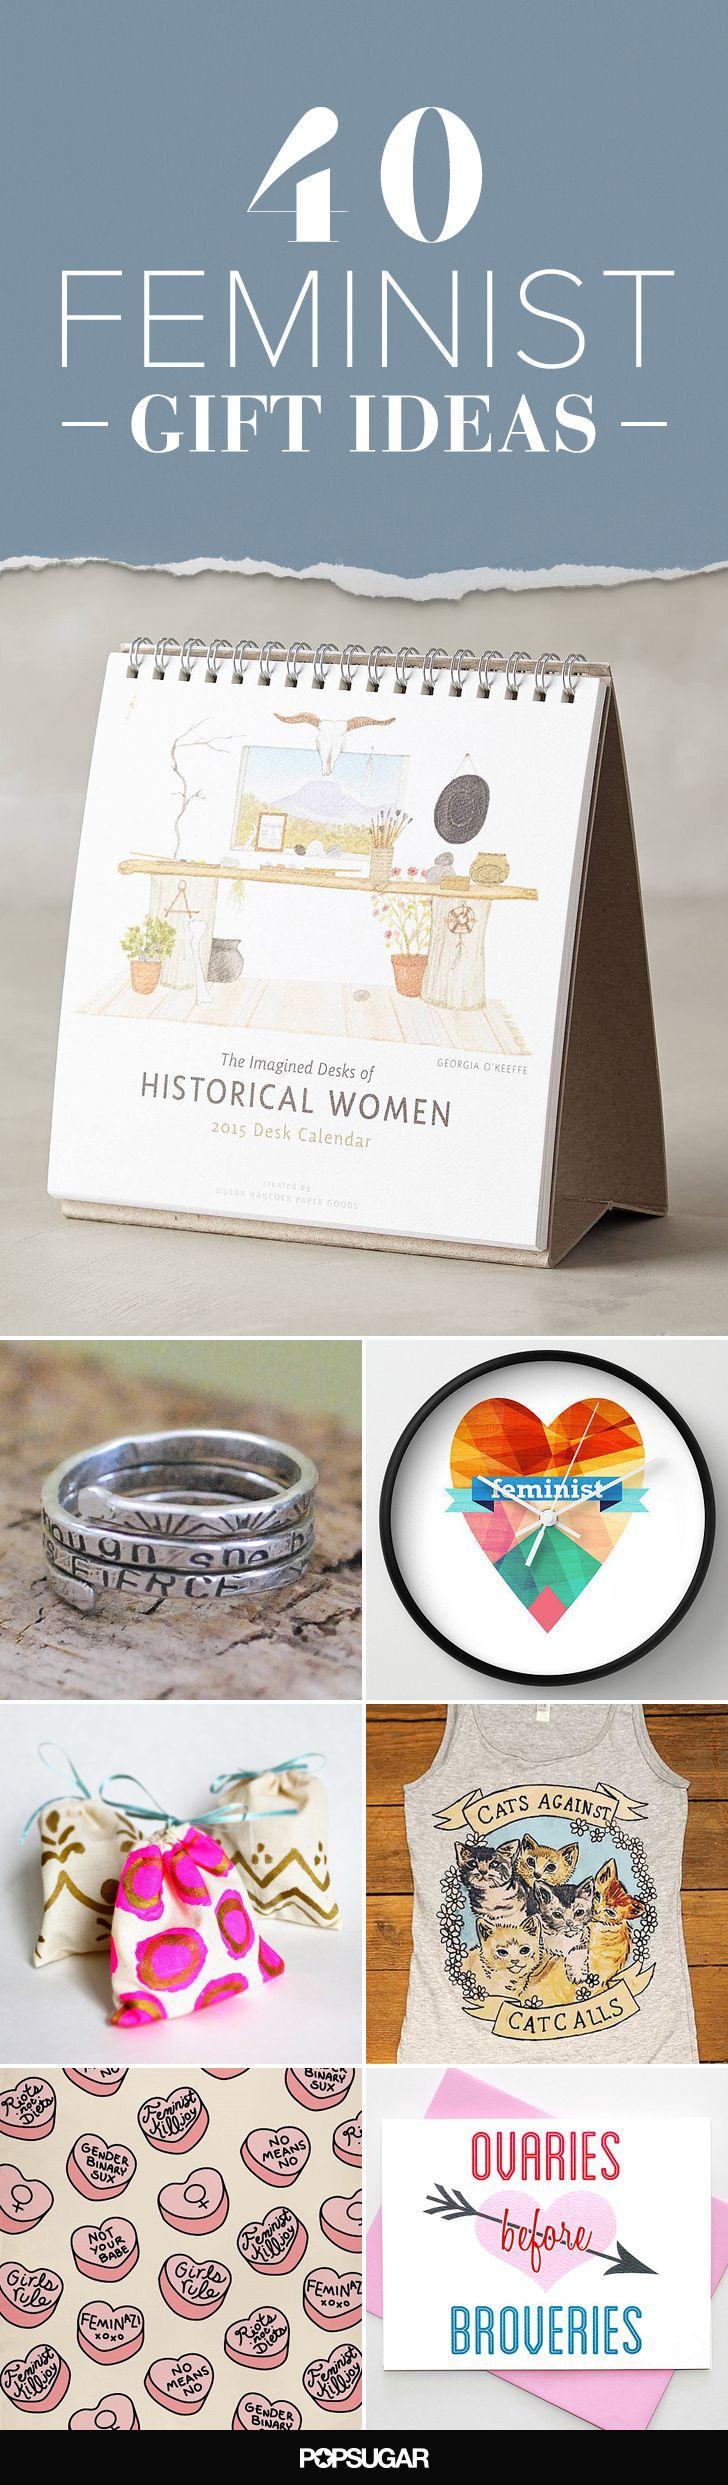 Feminist gift ideas!